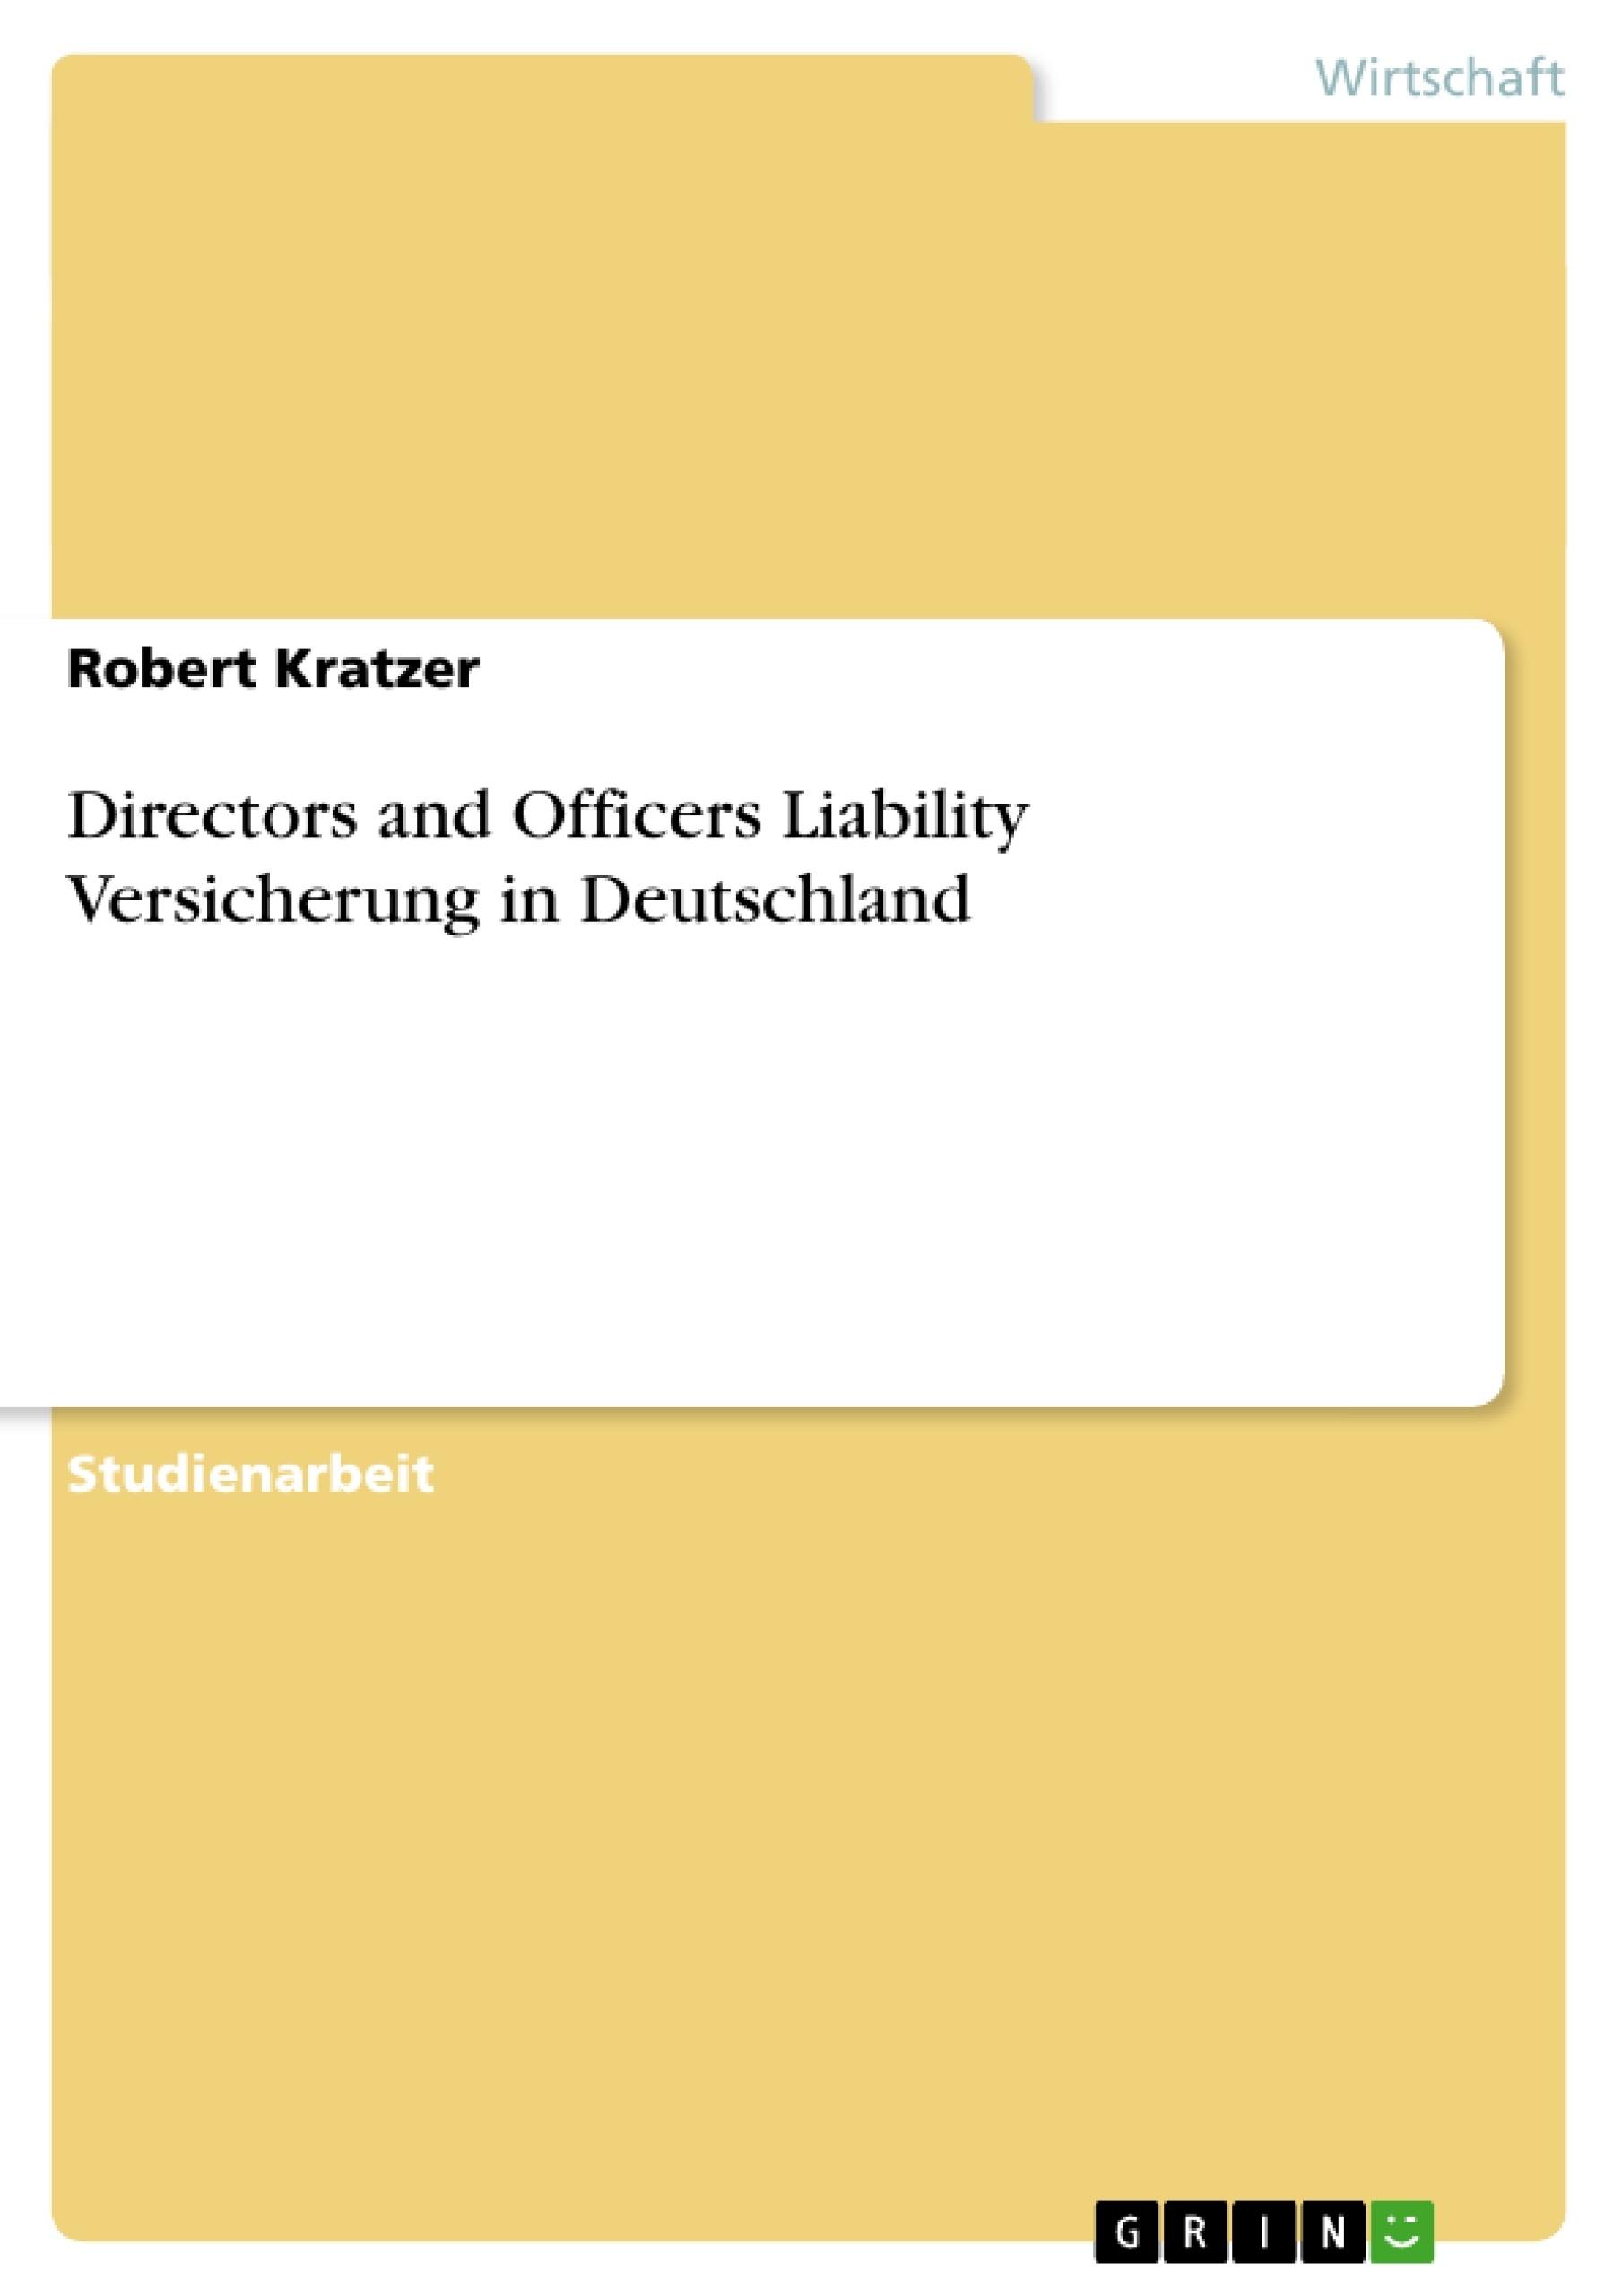 Titel: Directors and Officers Liability Versicherung in Deutschland